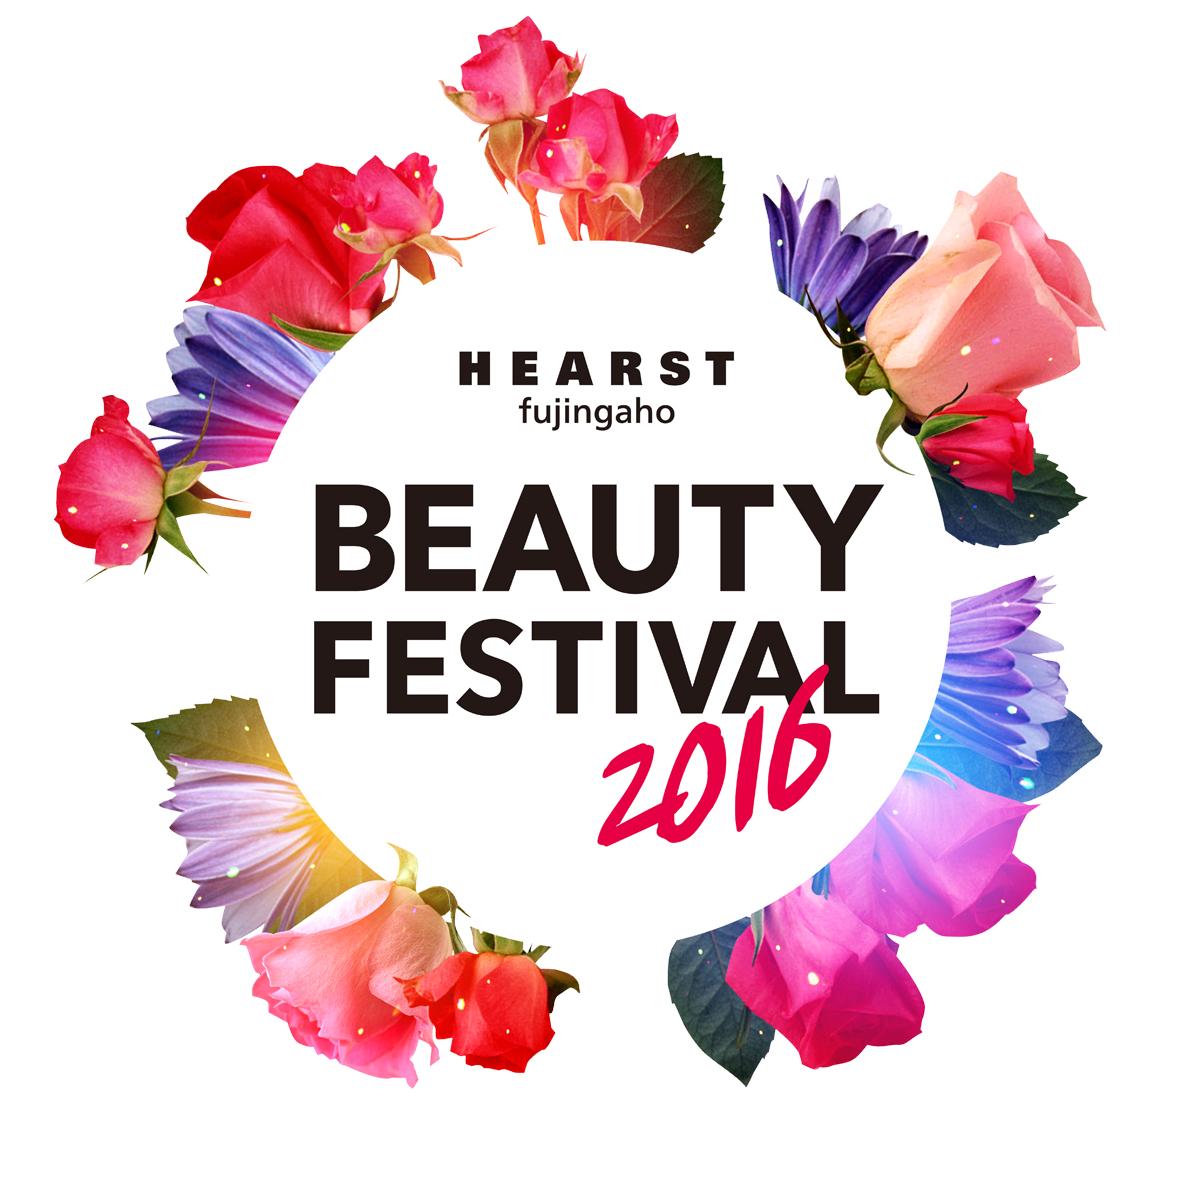 【イベント終了】ハースト婦人画報社主催の『ハースト ビューティ フェスティバル』に、 インフィオレがブースを出展いたします